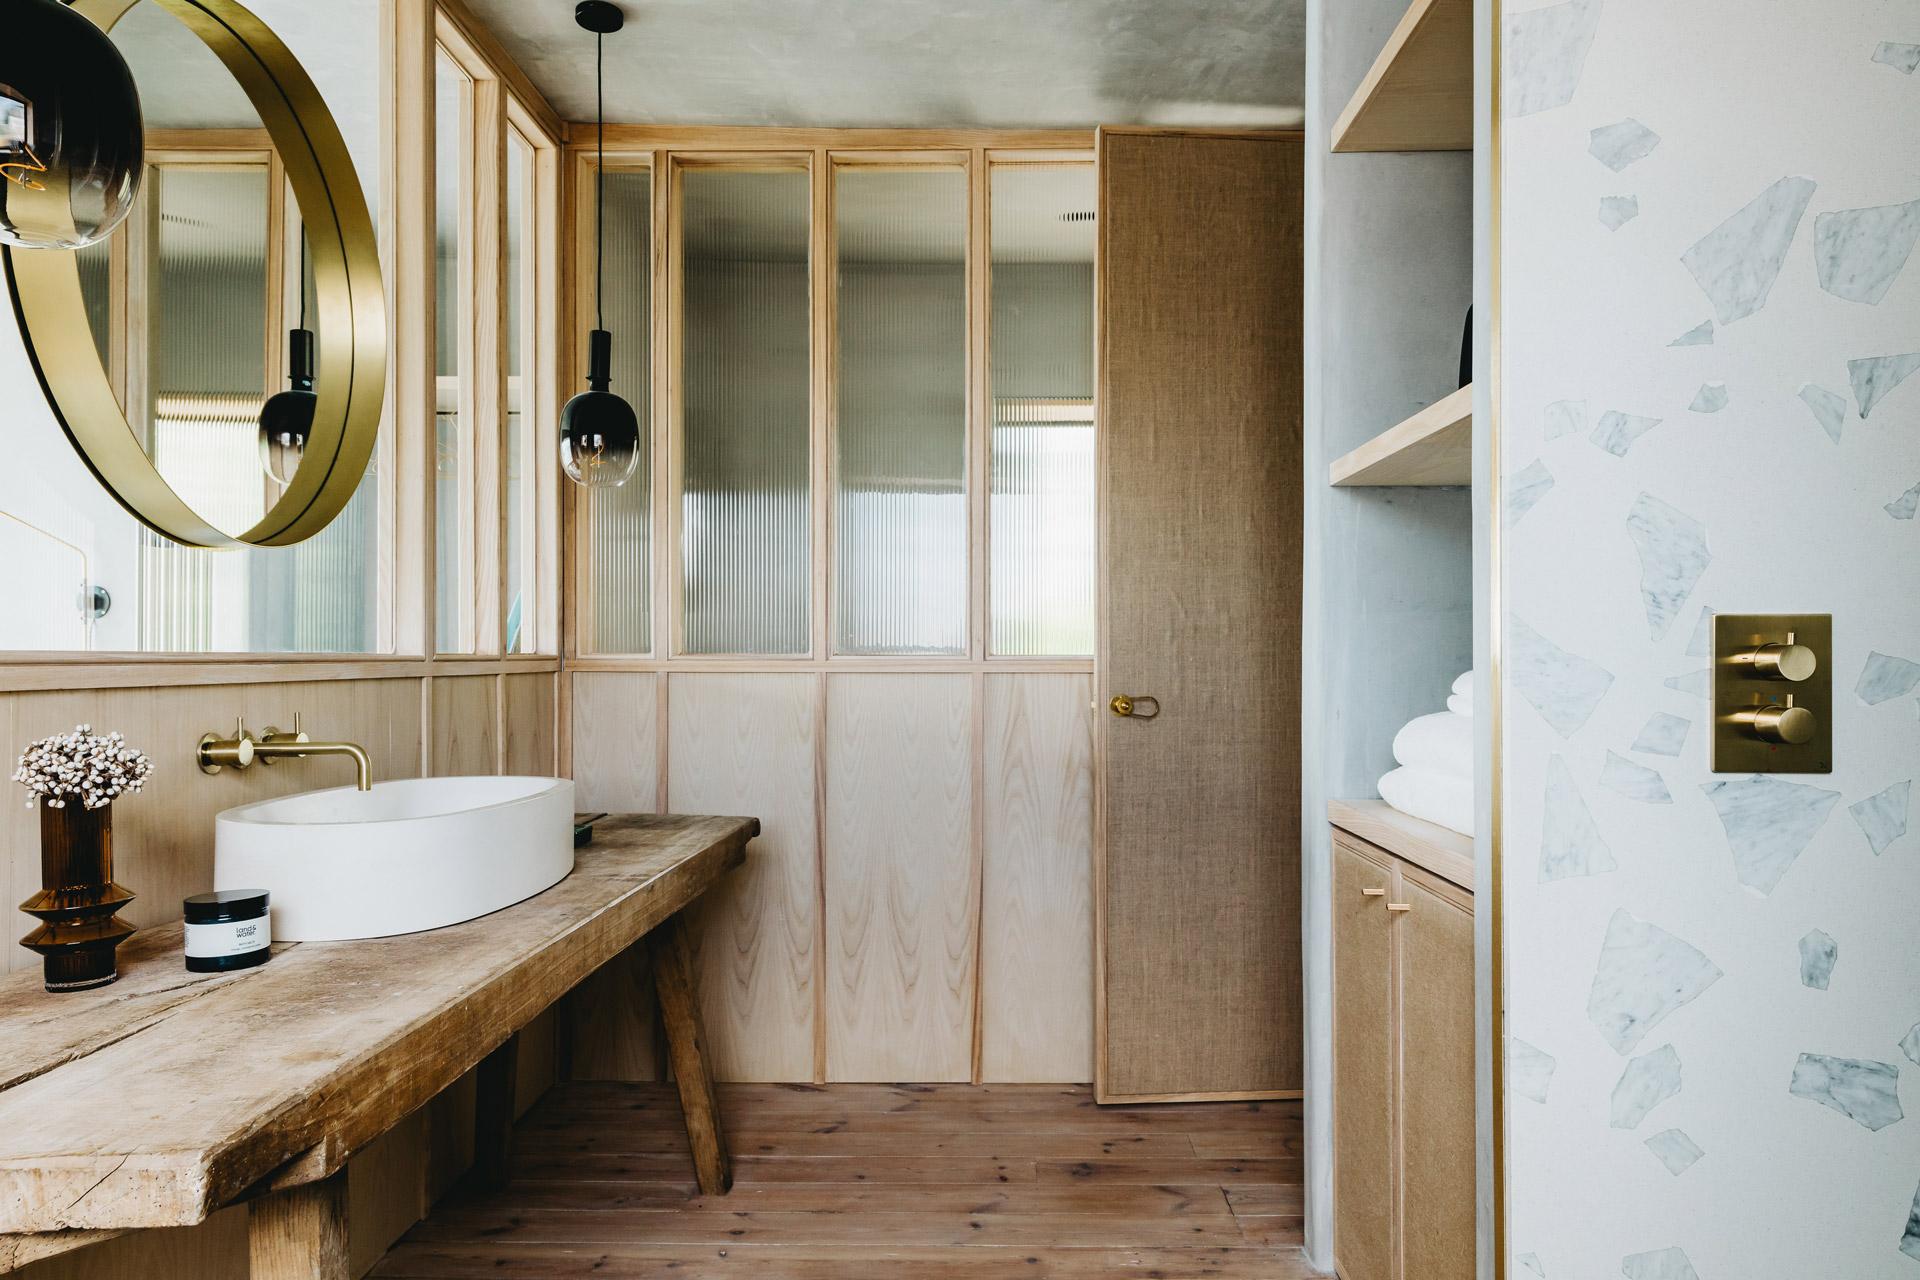 Ukiyo House Refurb En-suite